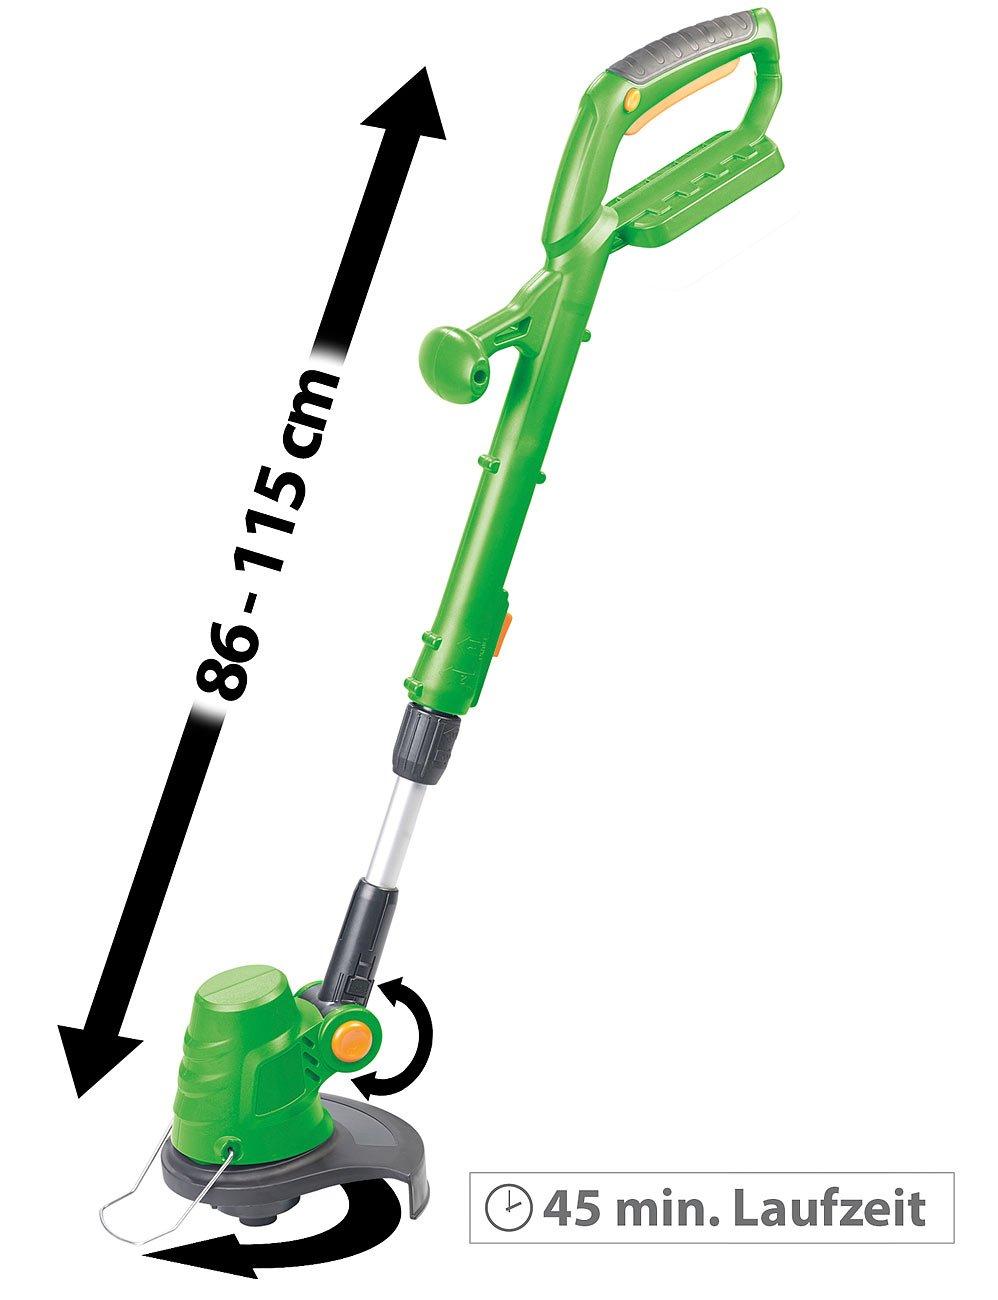 AGT-Professional-Graskantenschneider-Akku-Rasentrimmer-mit-Schnell-Ladegert–23-cm-8000-Umin-2-Ah-Motorsense